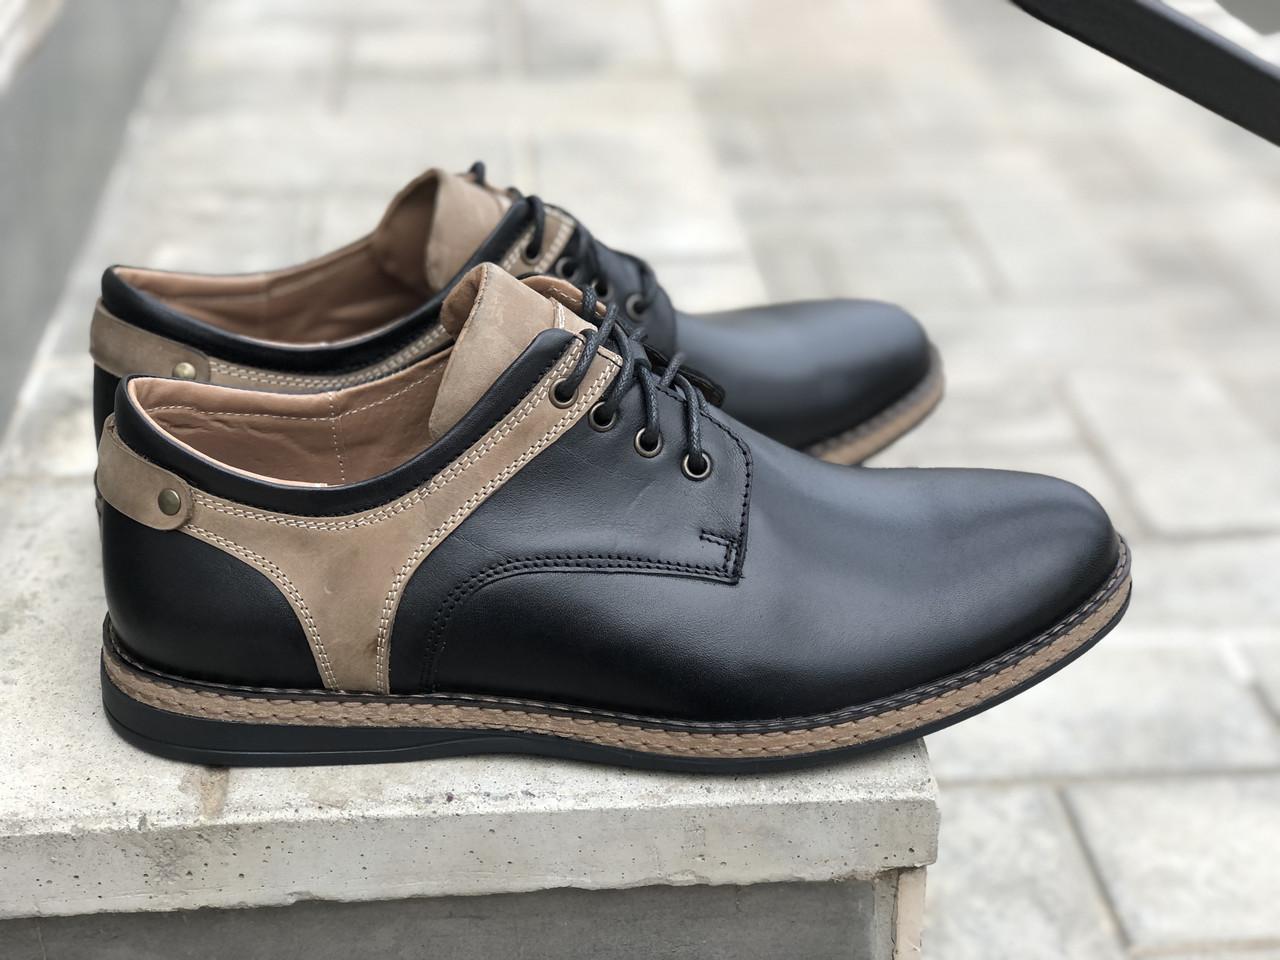 Кожаные мужские Туфли Balayan 1105 ч/беж размеры 40,41,42,43,44,45